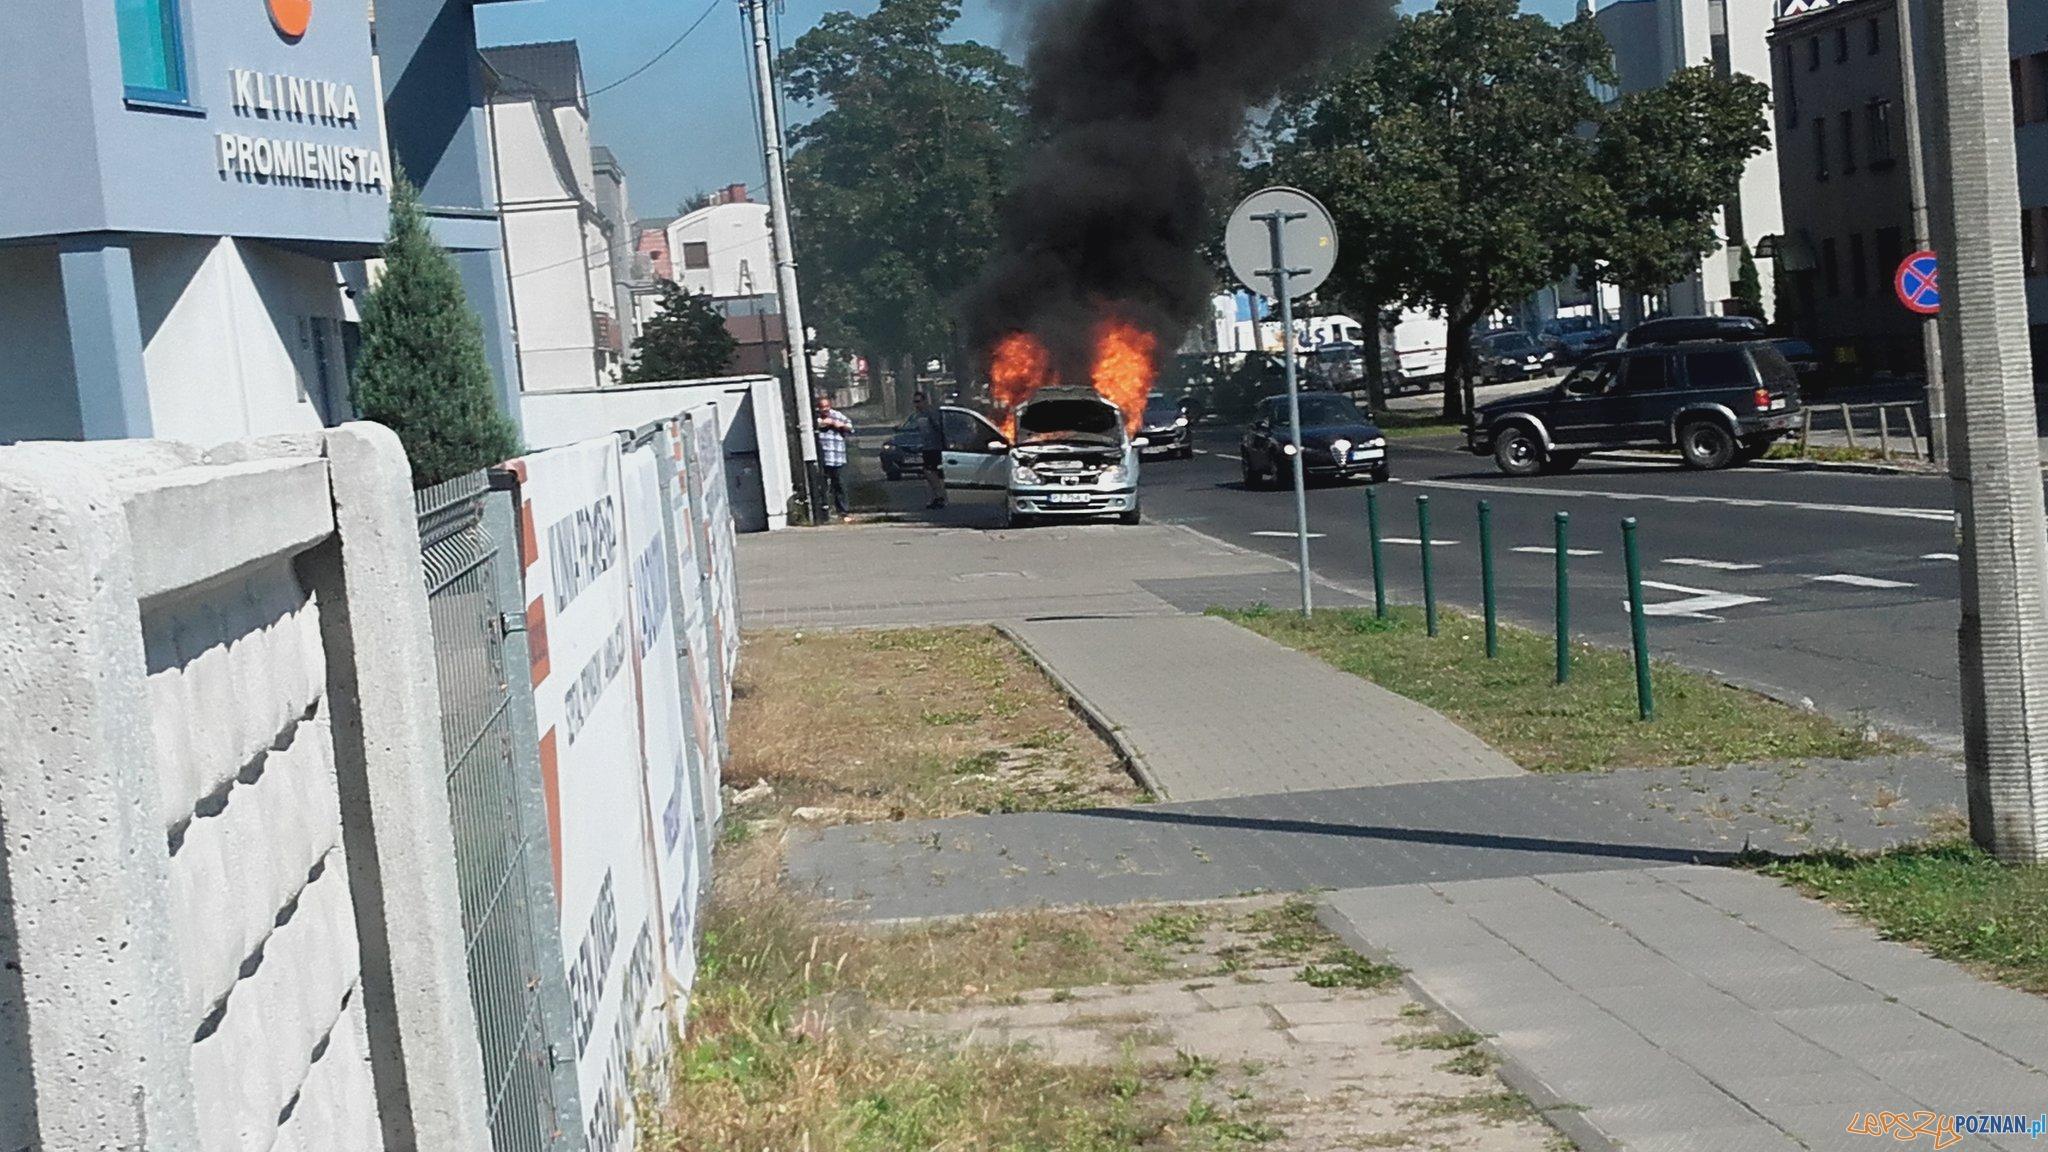 Pożar samochodu na Promienistej  Foto: twitter @LeszczynskiR